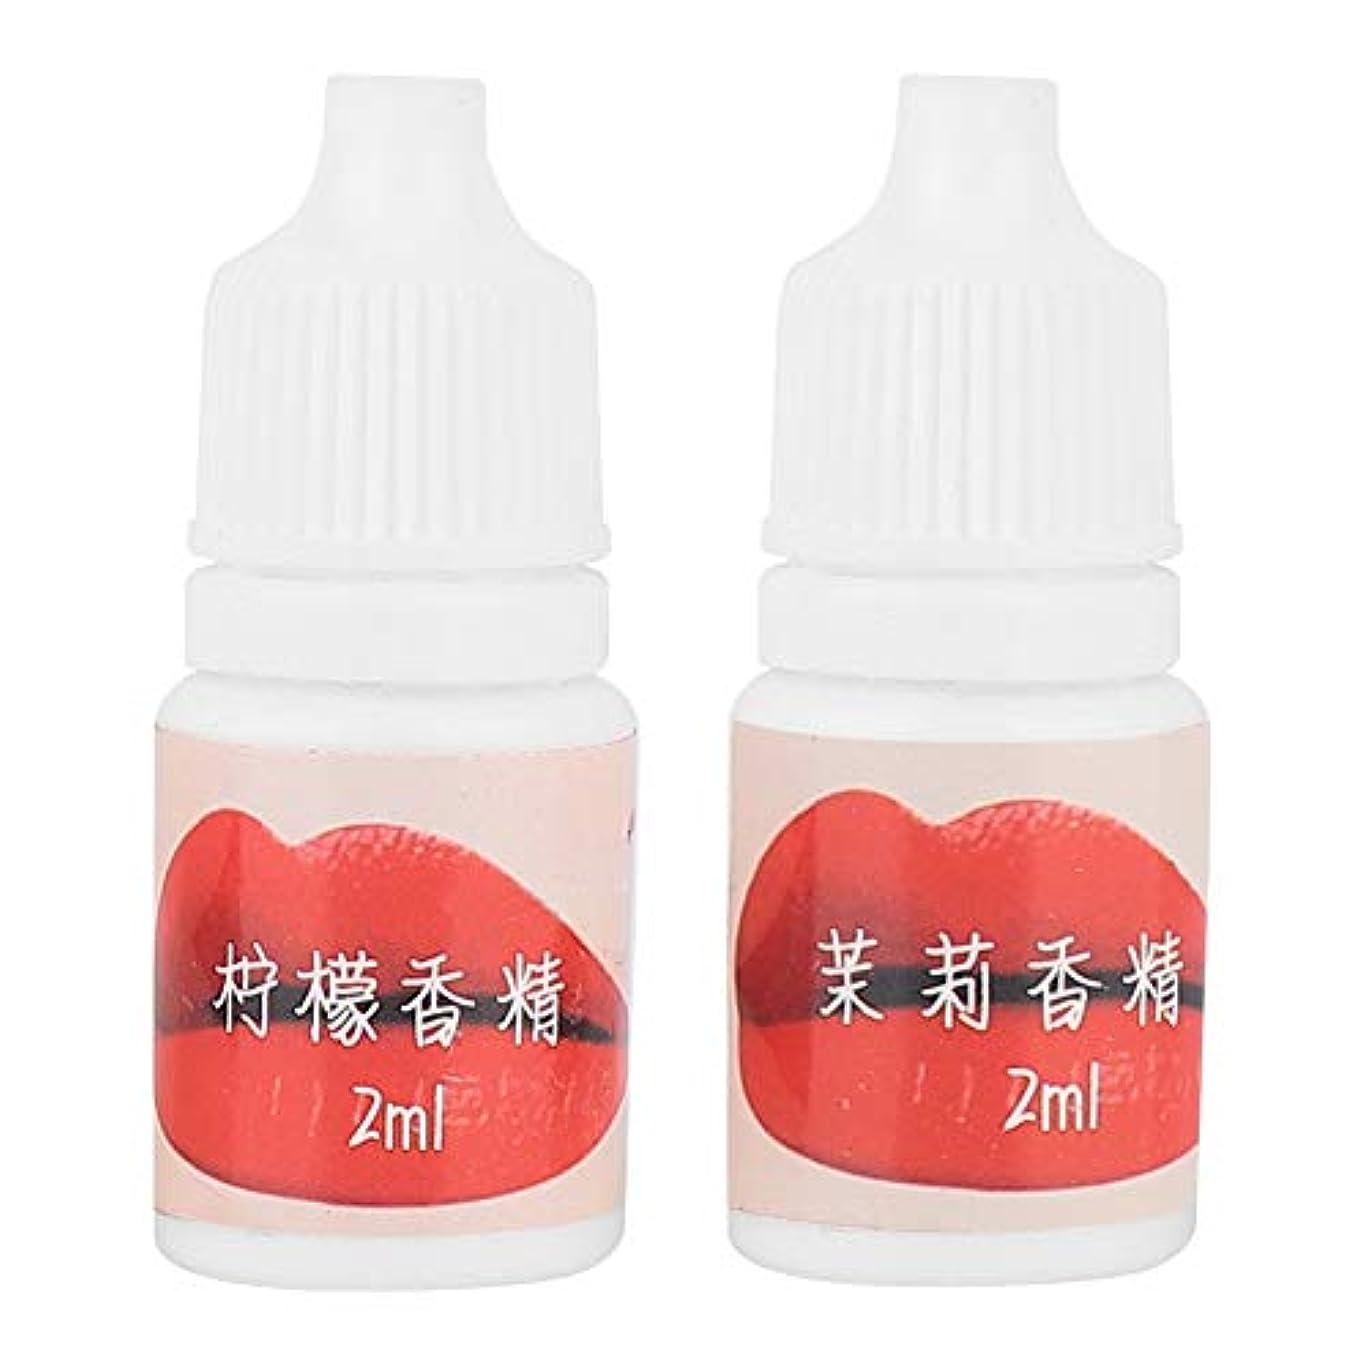 酔って経由でハミングバード4個 DIY 口紅 本質の香り 自家製 口紅DIY 粉材料型(01)